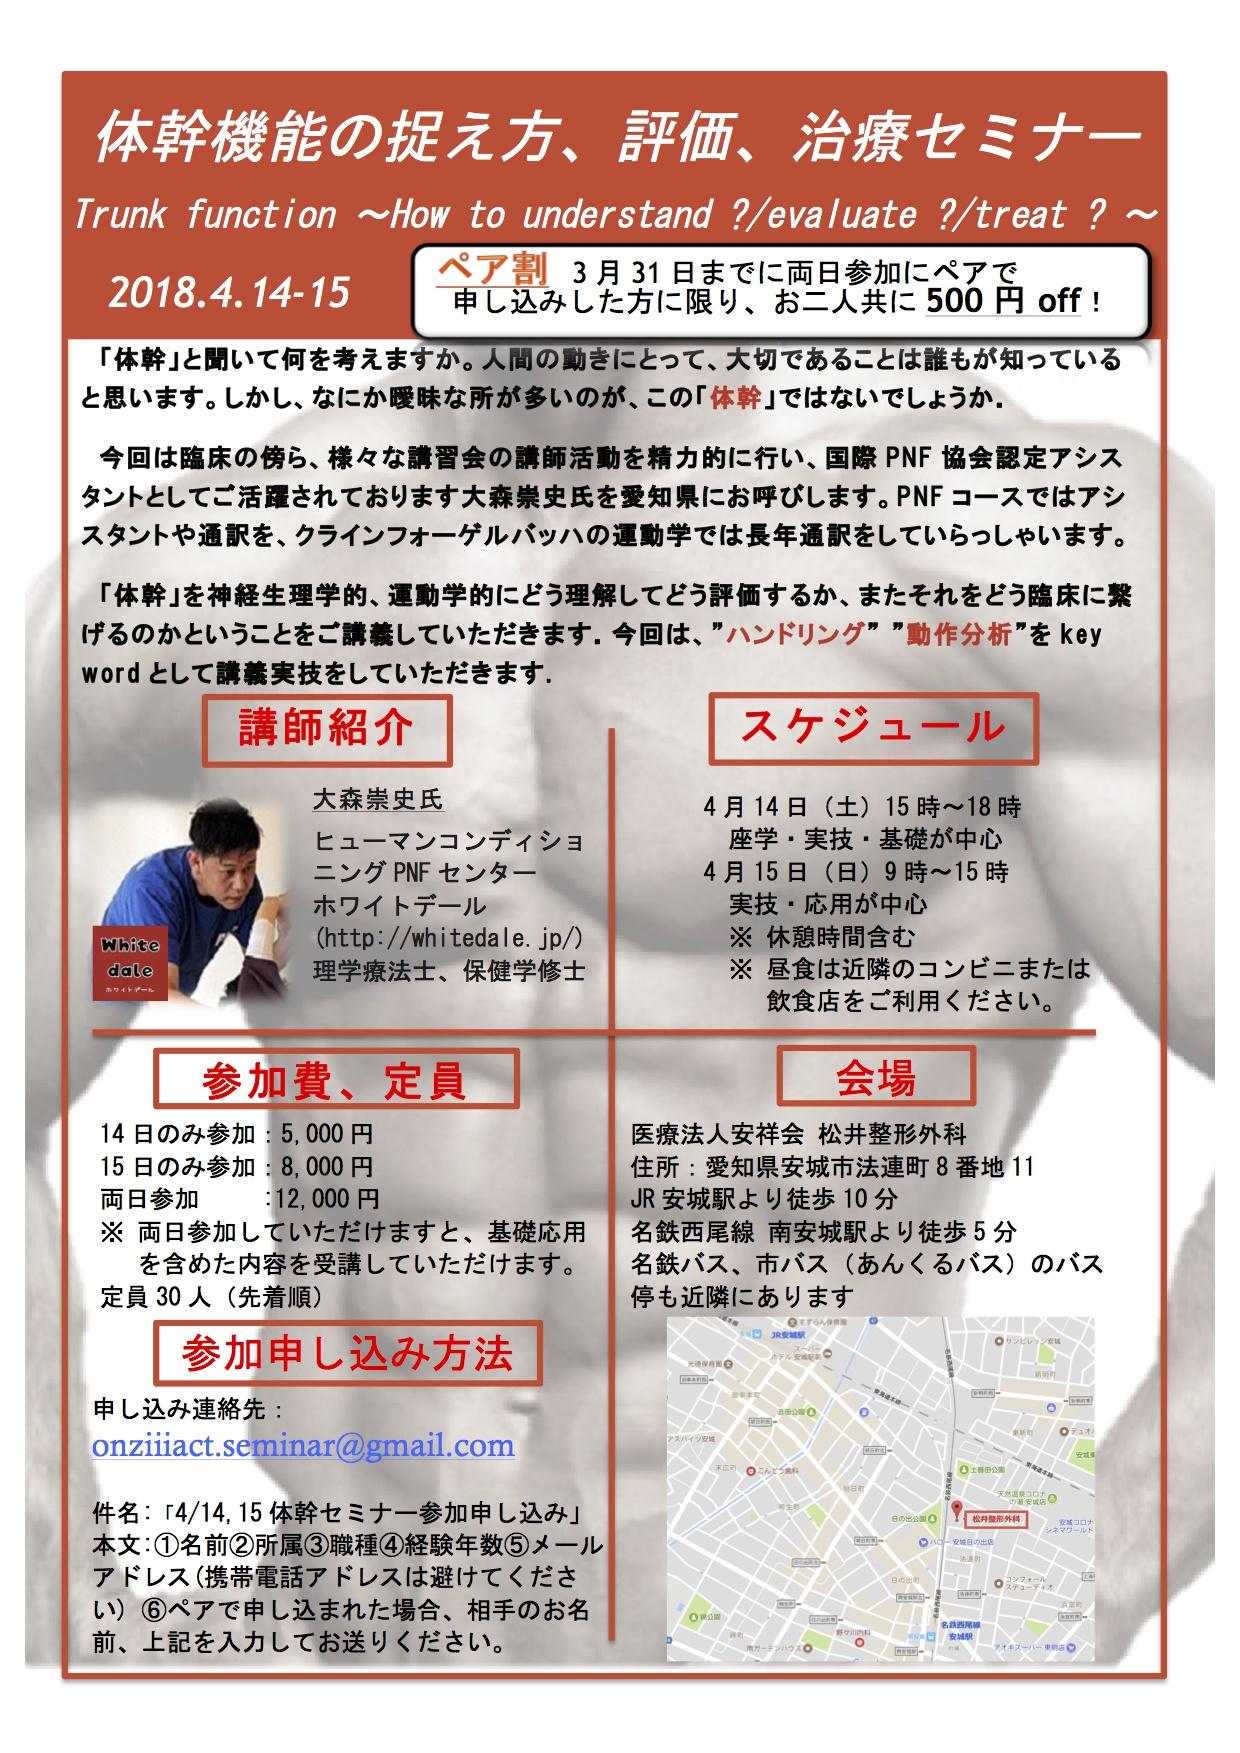 【リハビリセラピスト向け体幹機能の評価治療セミナーを開催します!】